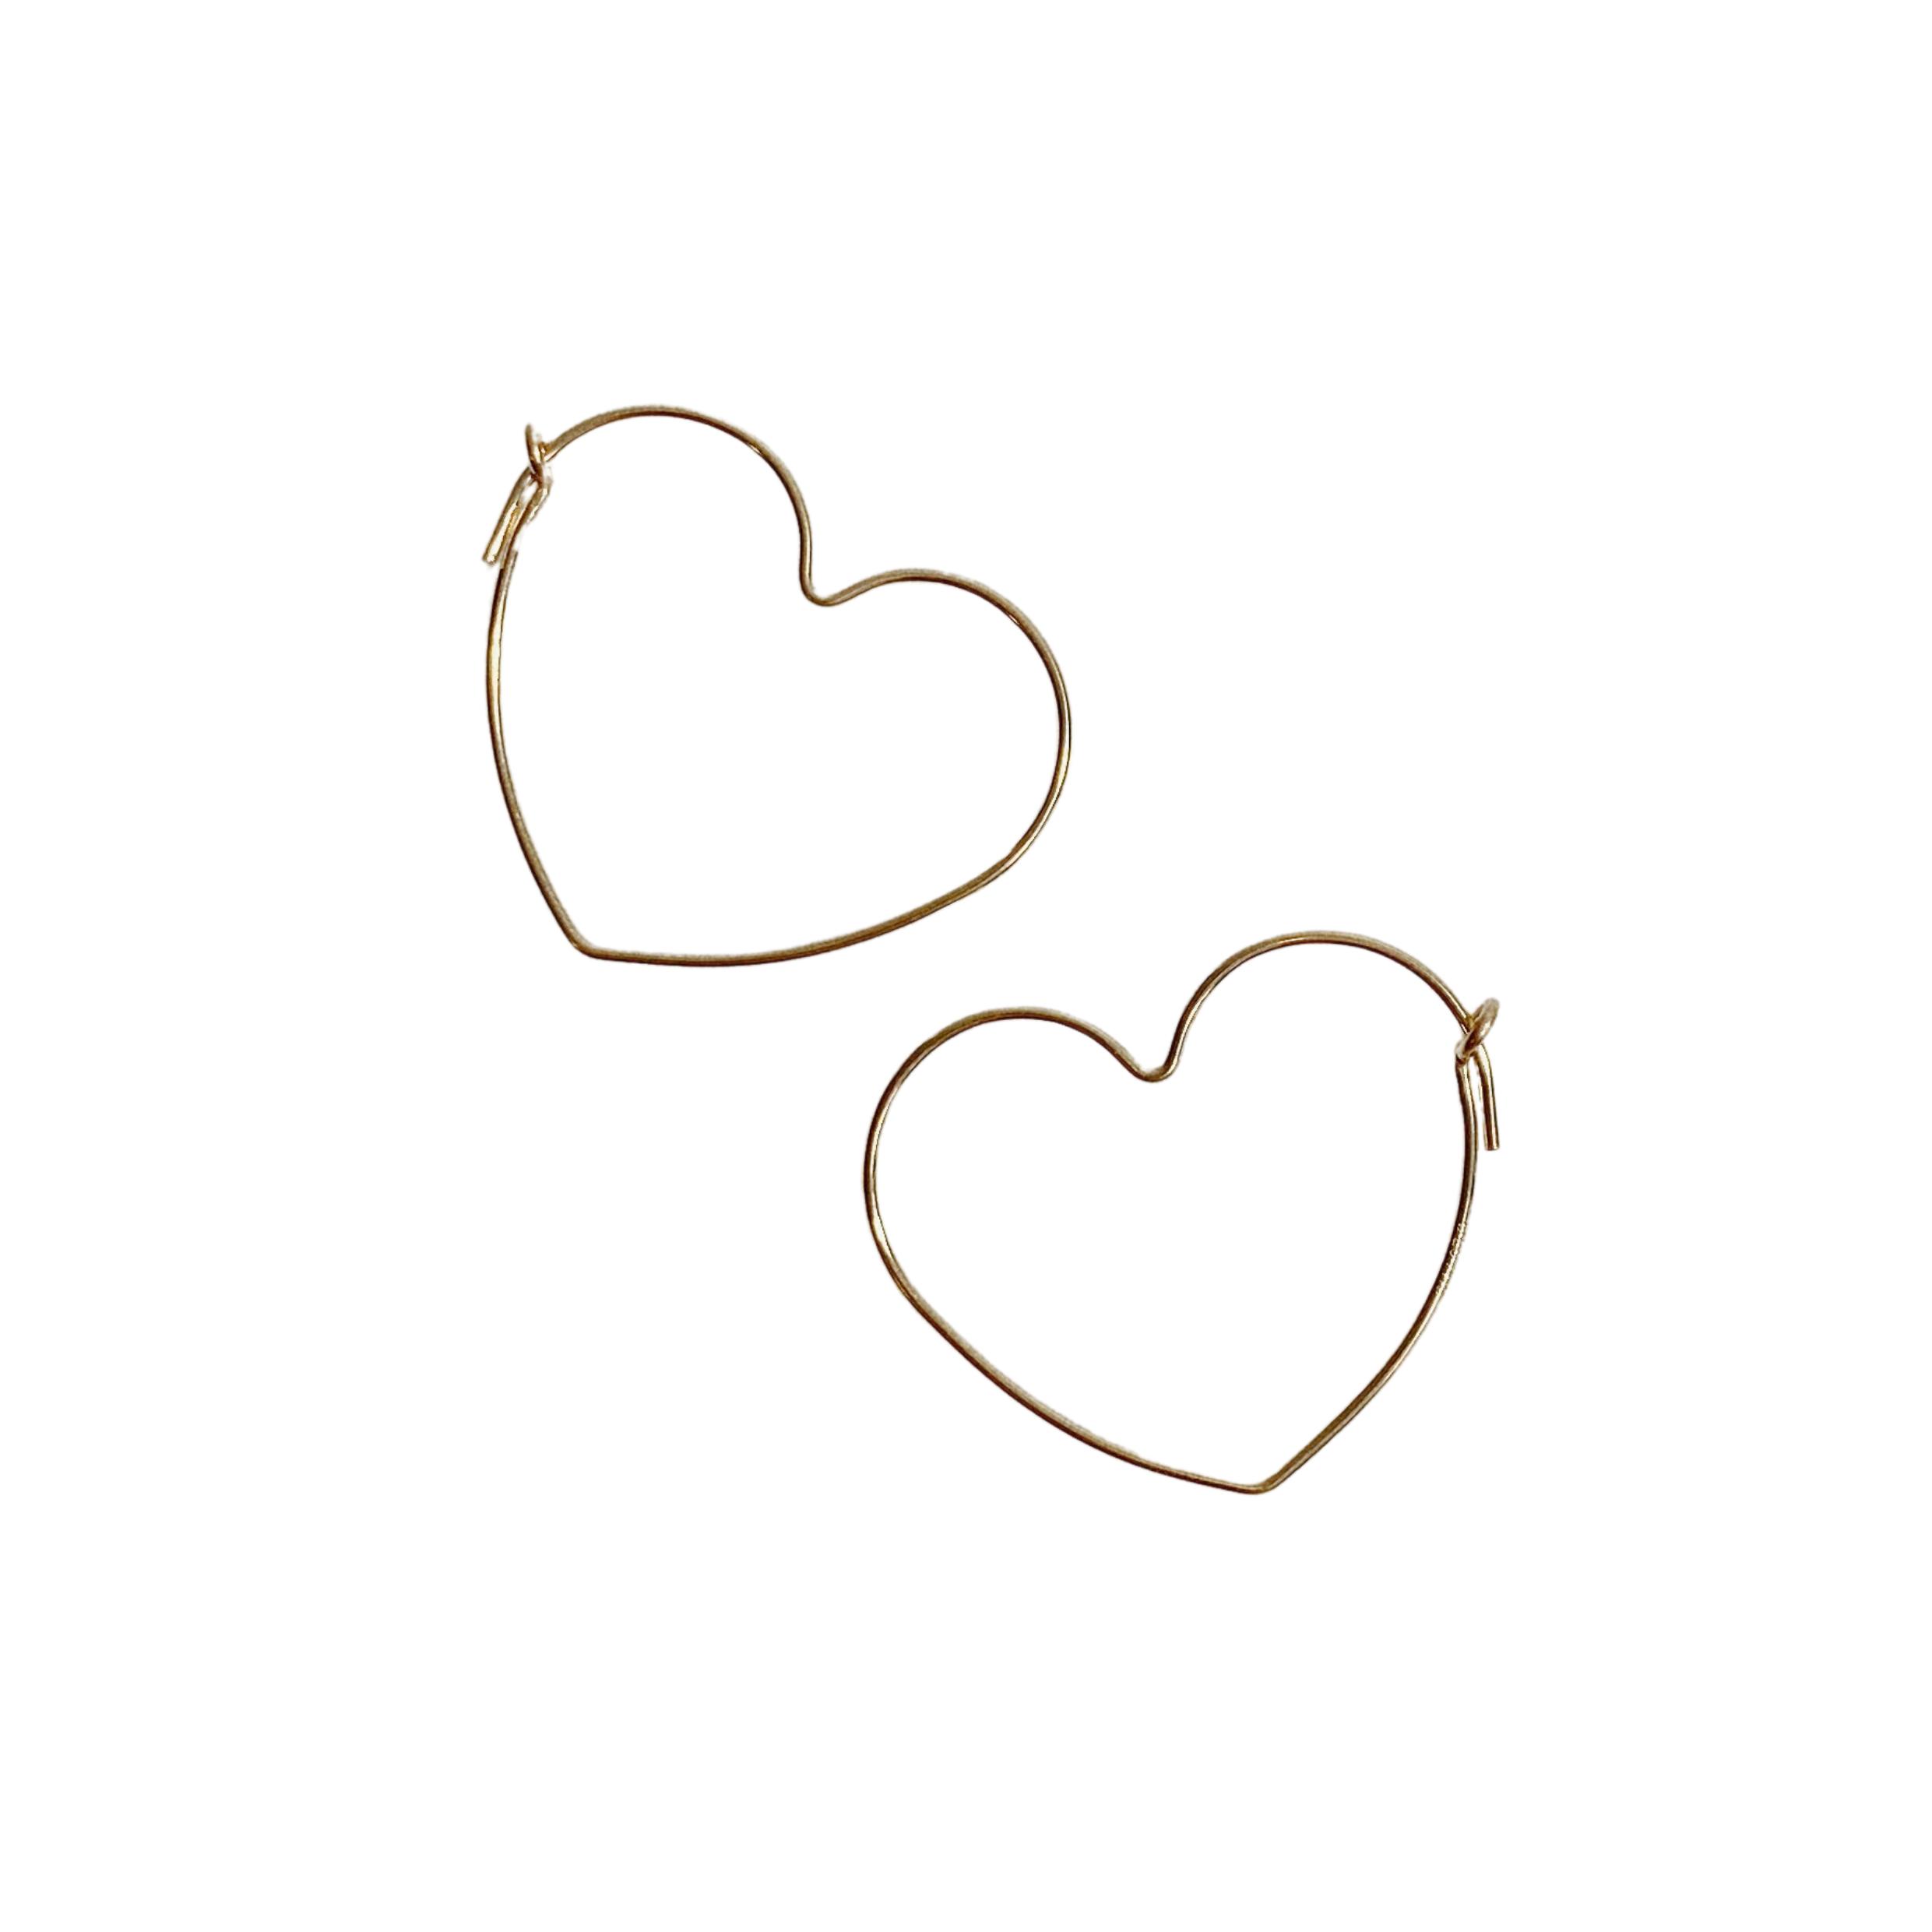 Photo of Heart Hoops Earrings